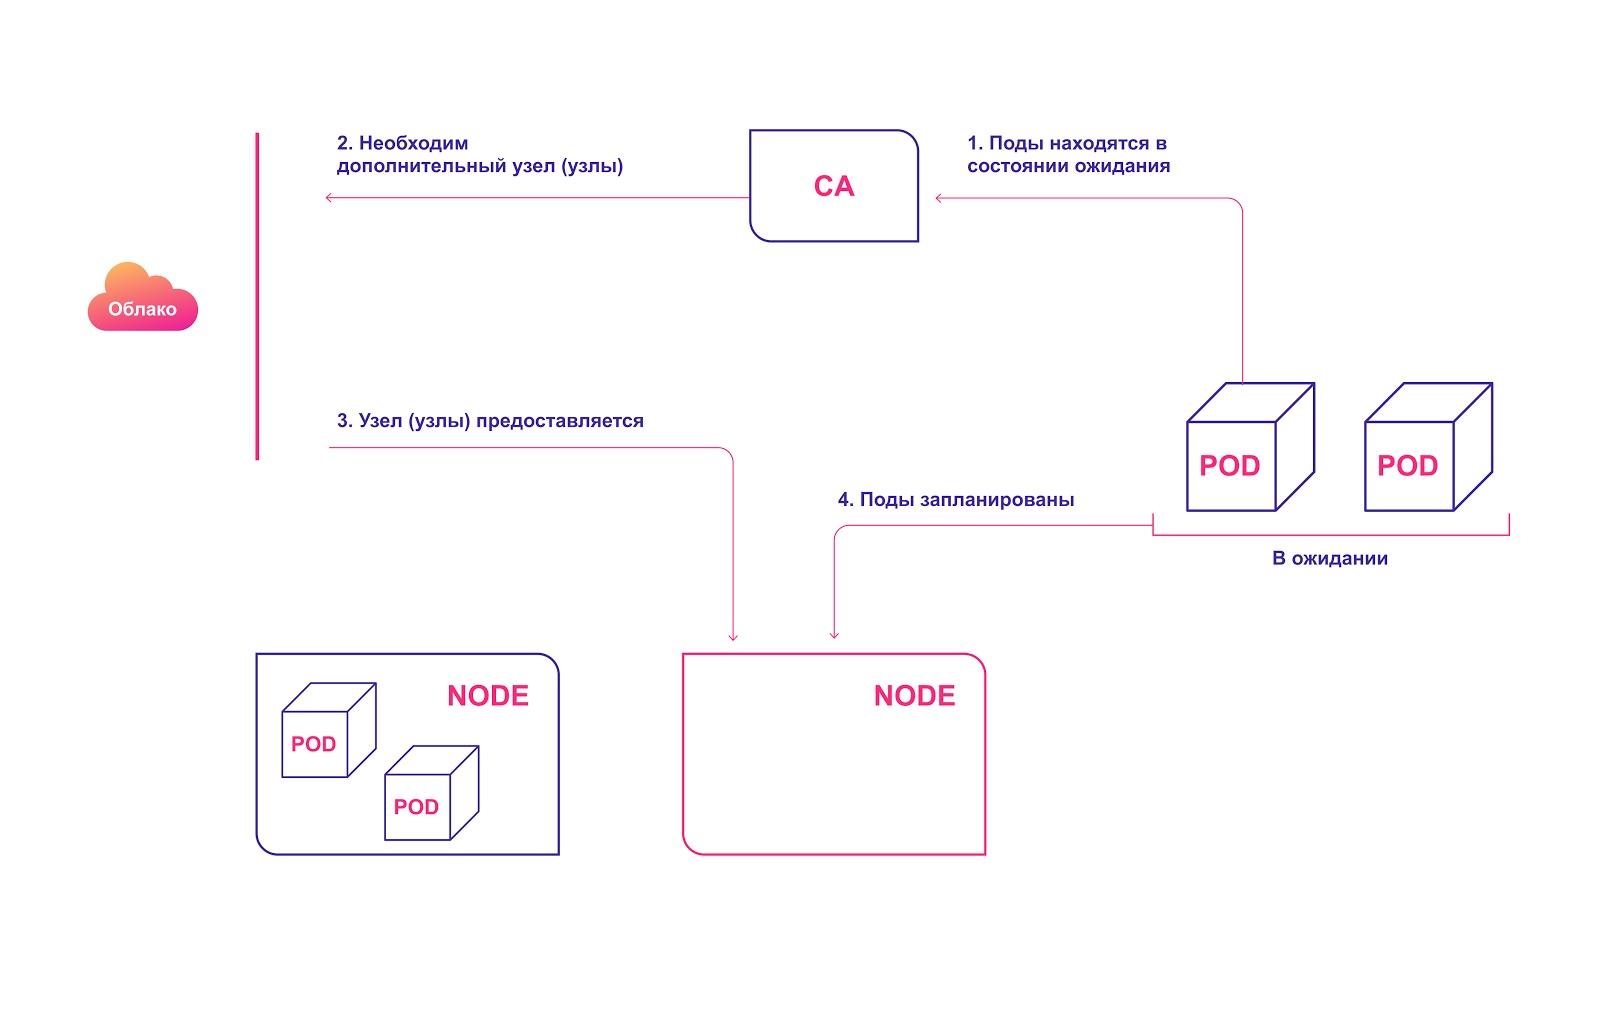 Три уровня автомасштабирования в Kubernetes: как их эффективно использовать - 4